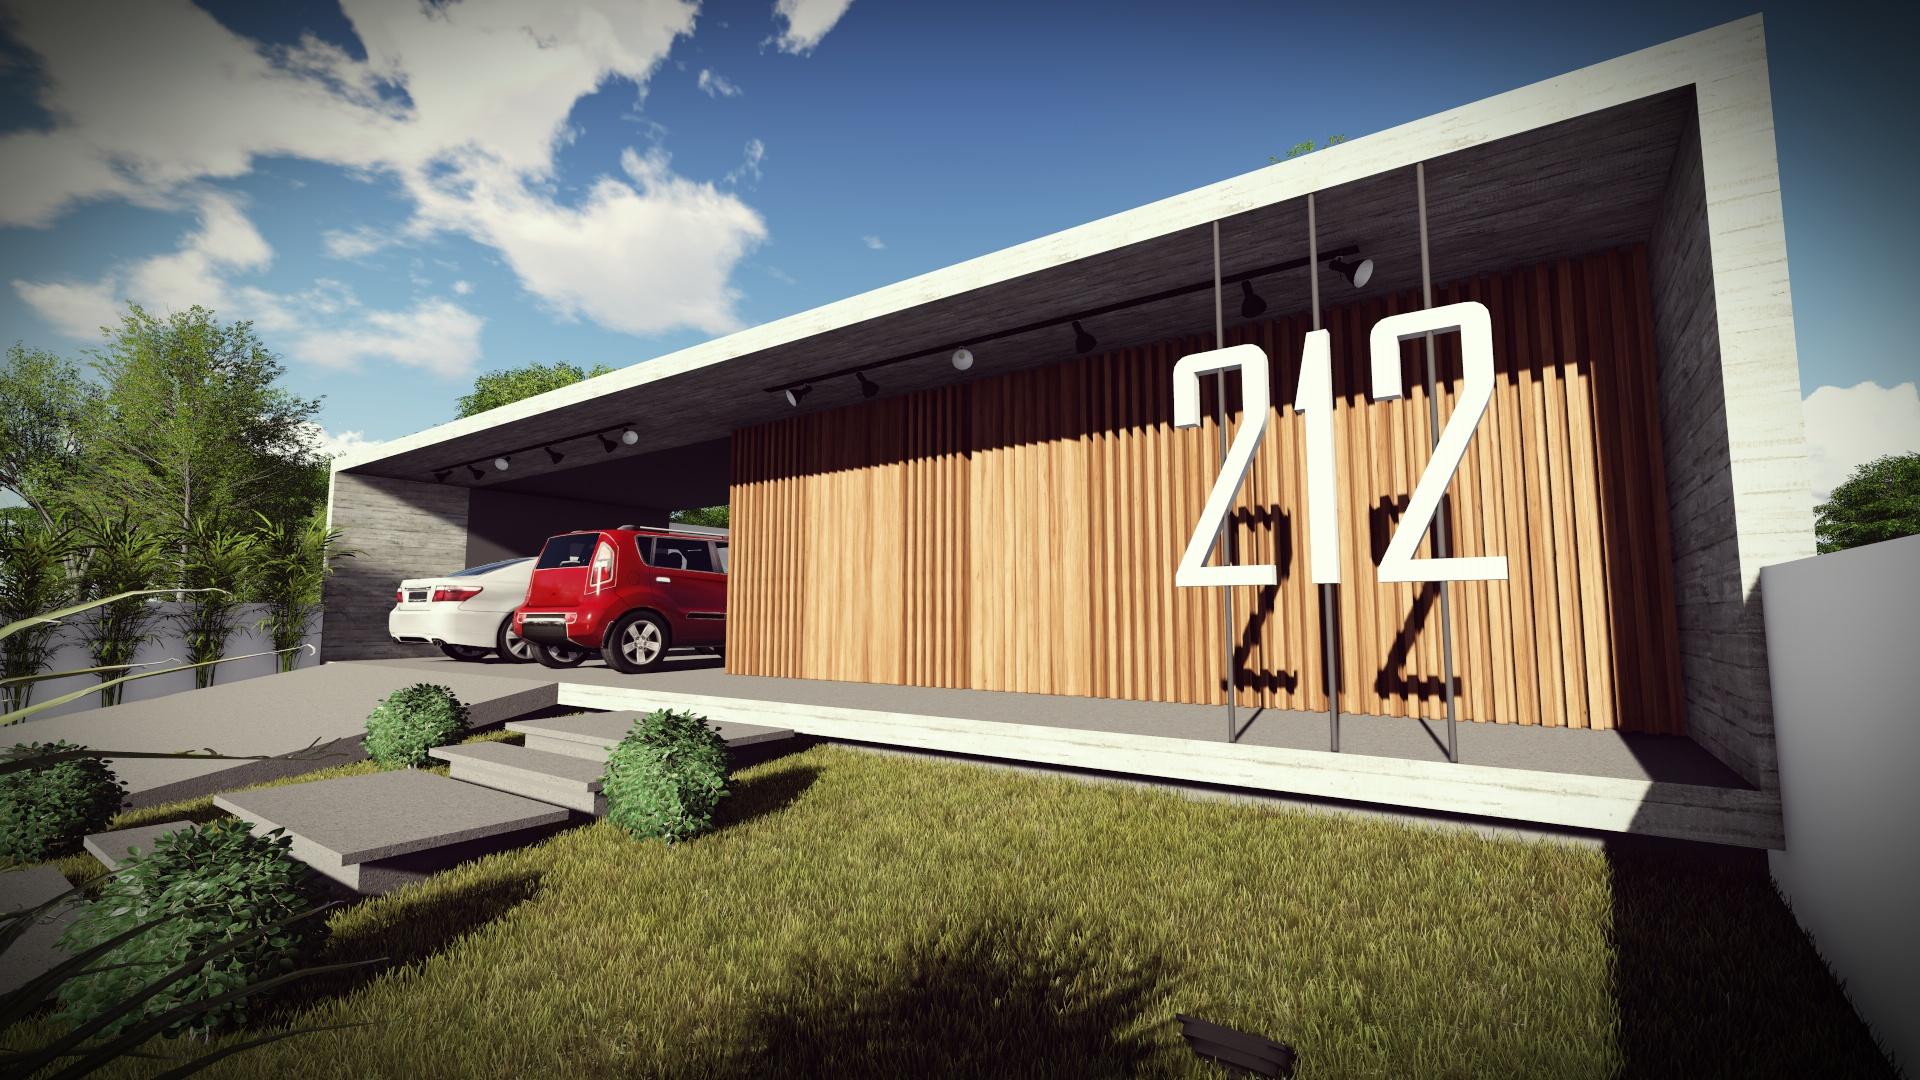 casa 212